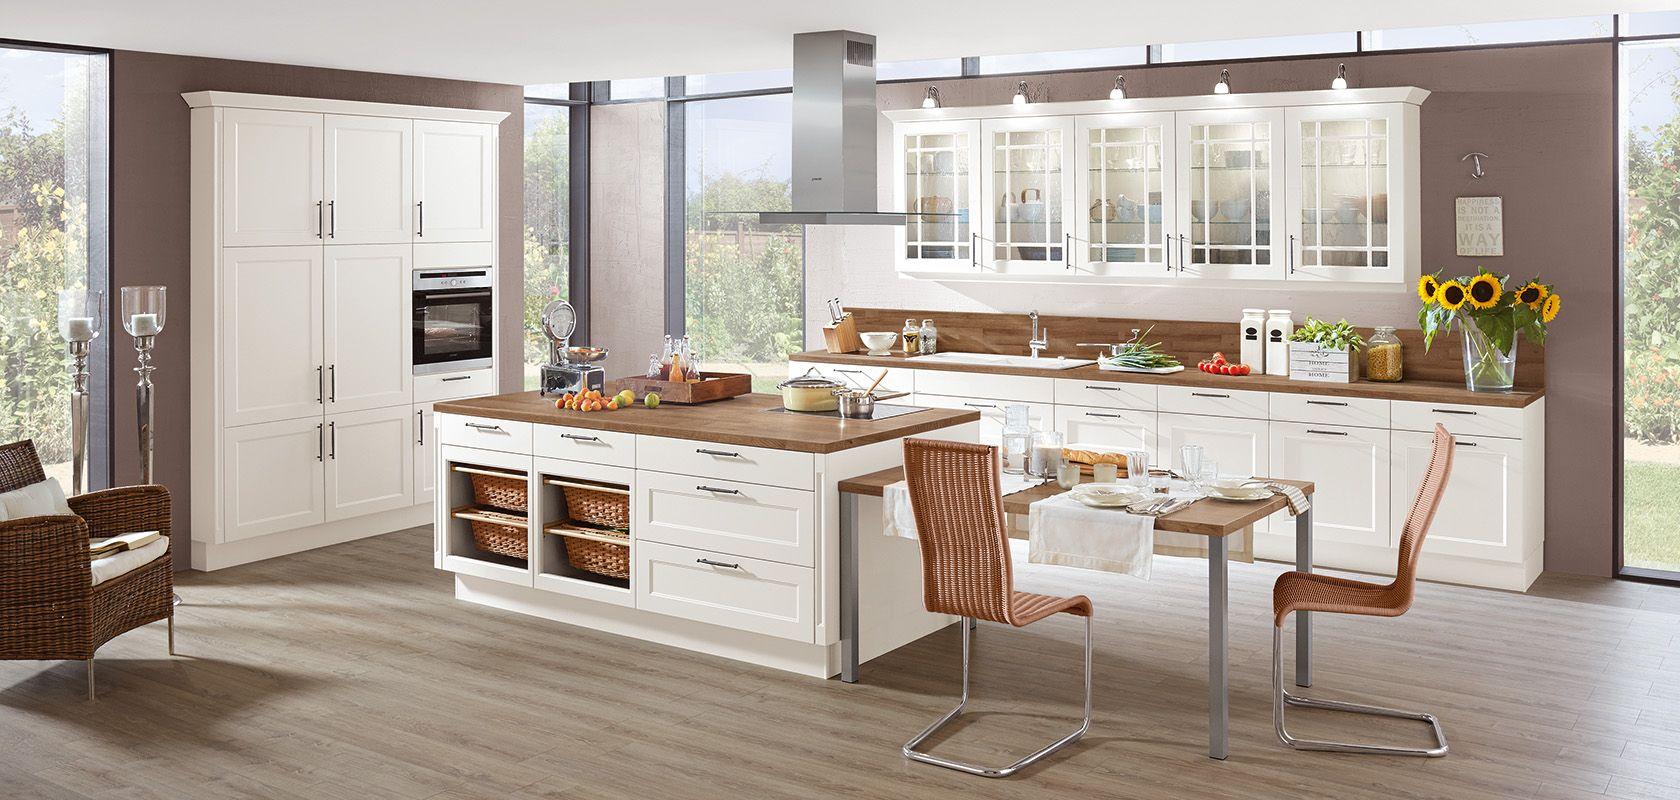 Die CHALET 885 in \'Weiß matt\' ist eine Wohnküche im Landhausstil und ...